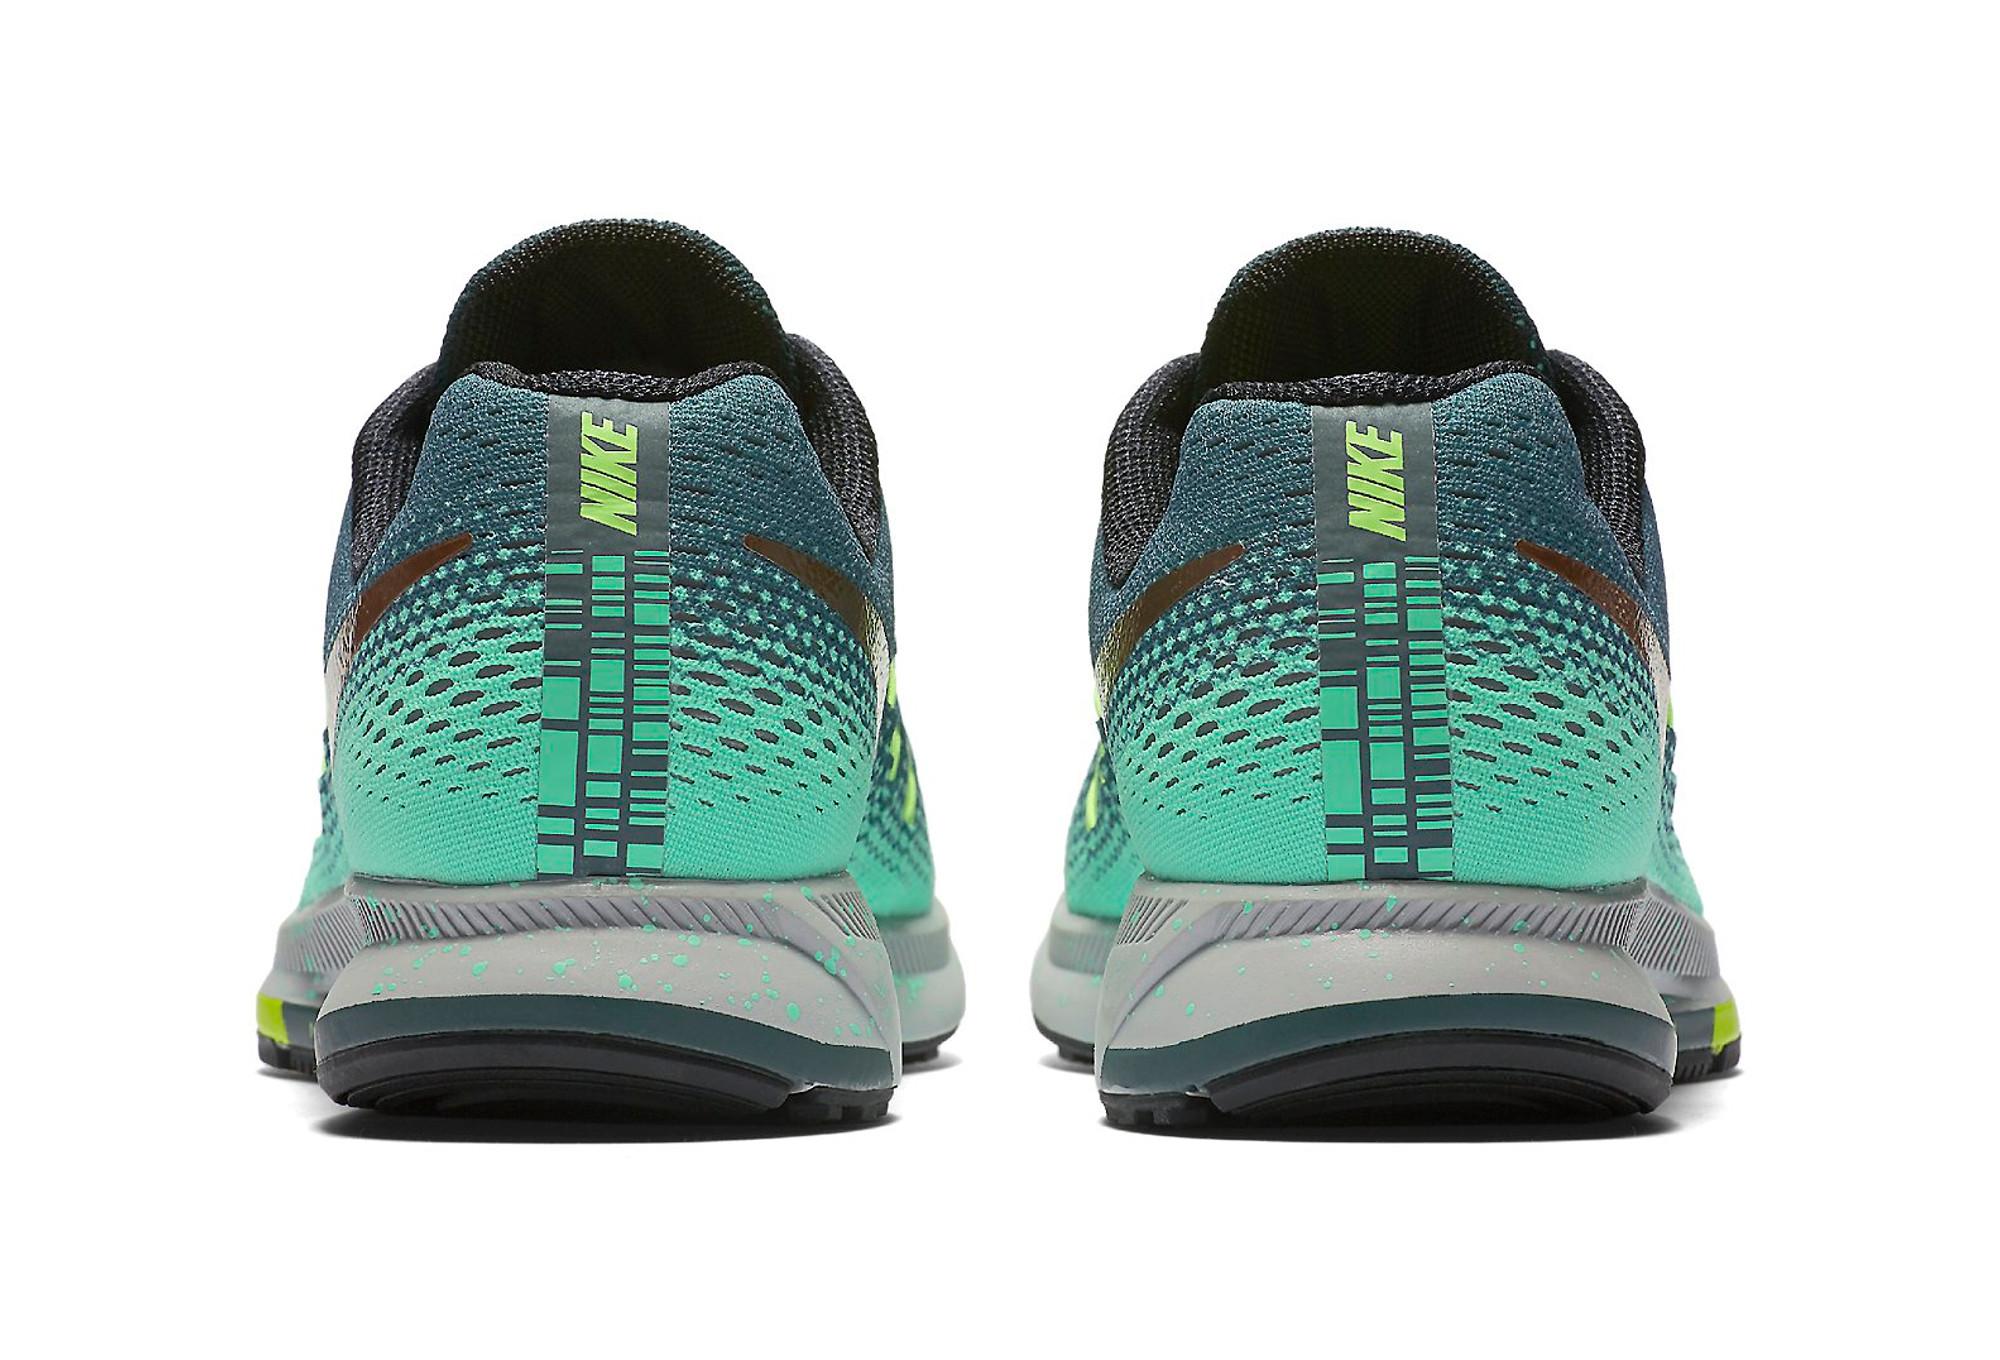 low priced 39c58 8ee7c Chaussures de Running Femme Nike AIR ZOOM PEGASUS 33 SHIELD Vert